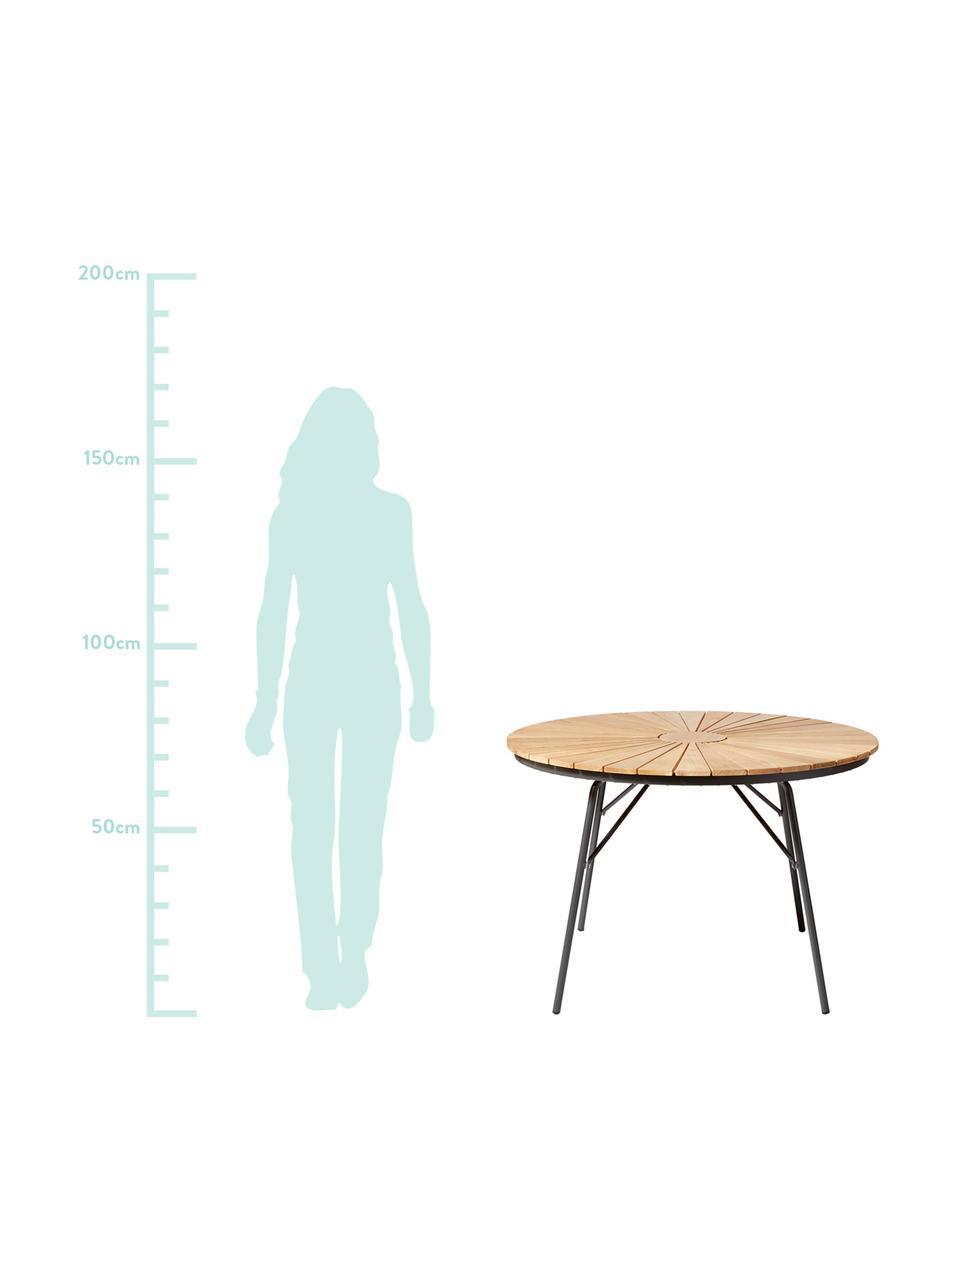 Runder Gartentisch Hard & Ellen aus Holz, Tischplatte: Teakholz, geschliffen, Anthrazit, Teak, Ø 110 x H 73 cm